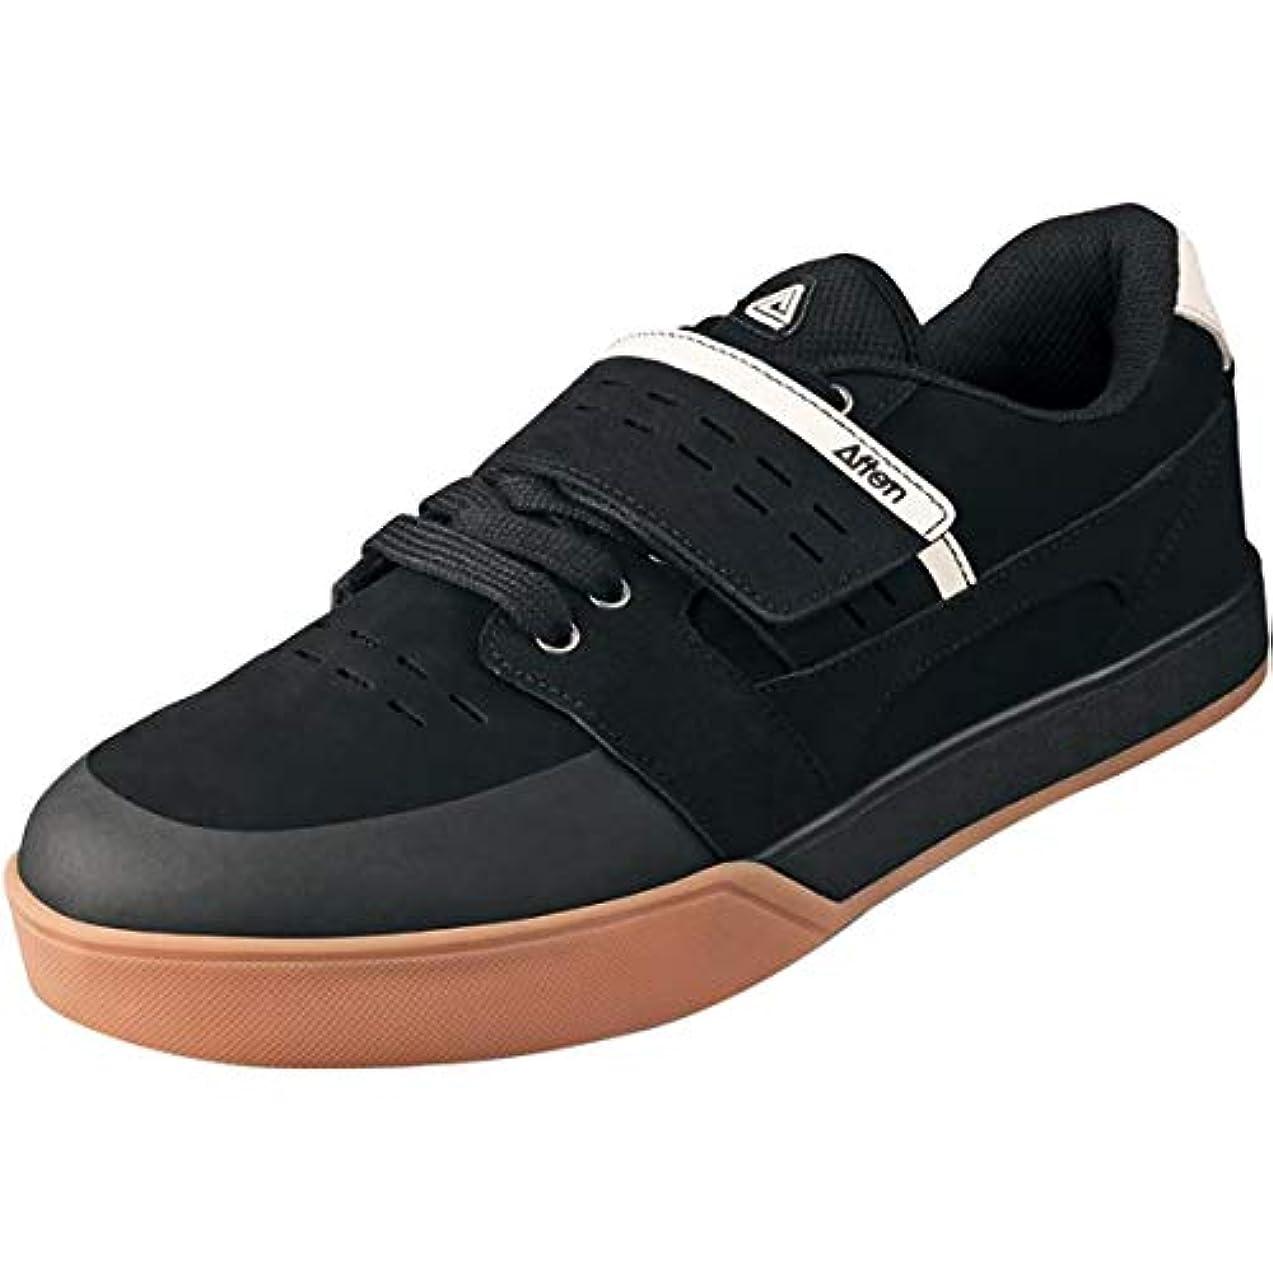 ミスペンド挽くAfton Vectal Shoe メンズ ブラック/ガム 11.0